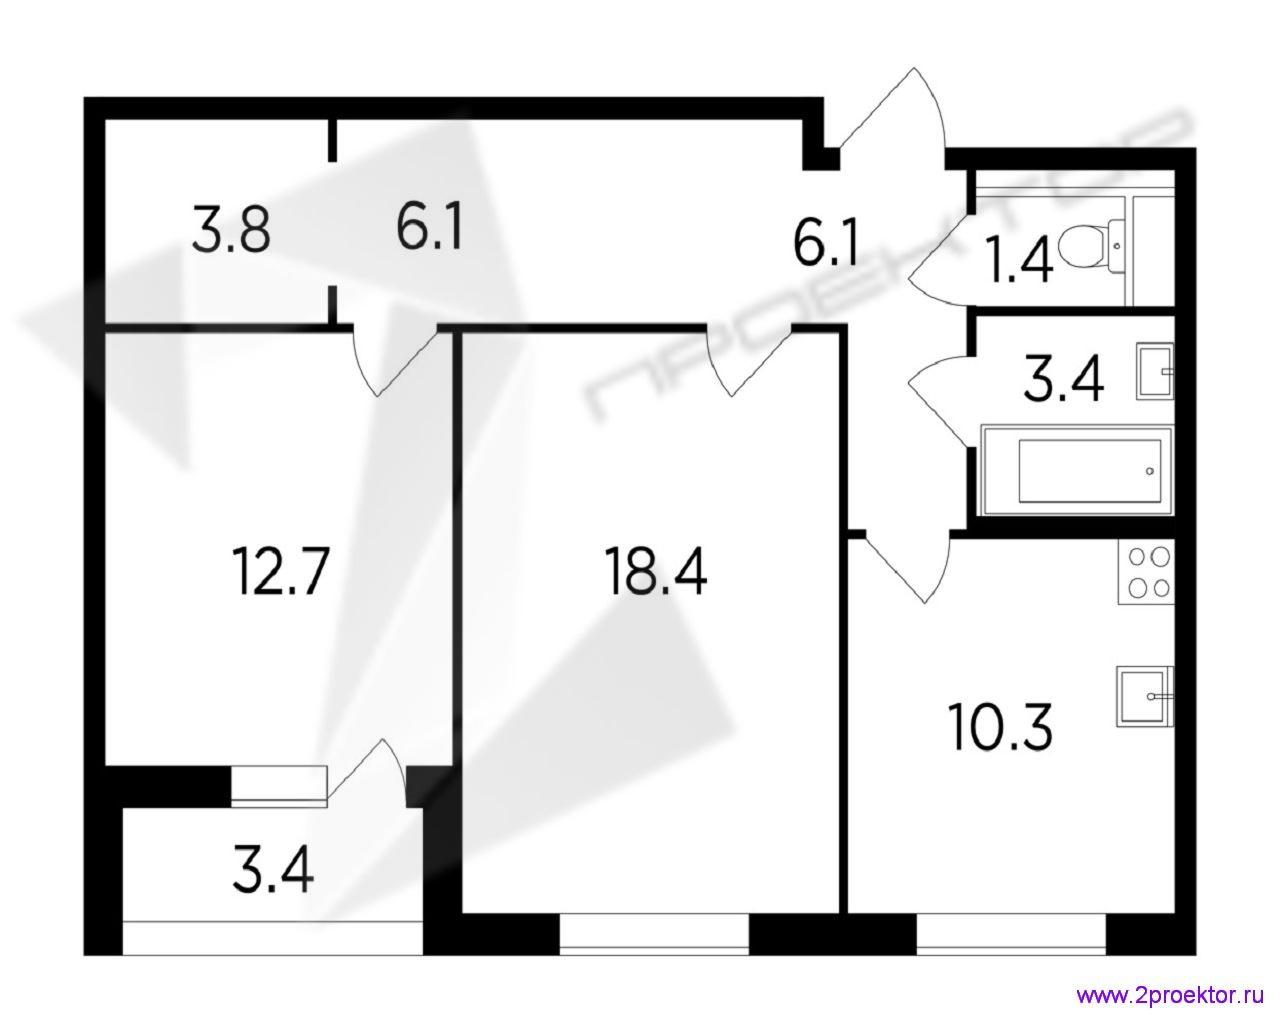 Типовой вариант планировки двухкомнатной квартиры площадью 42,9 кв.м в Жилом комплексе Лесопарковый.